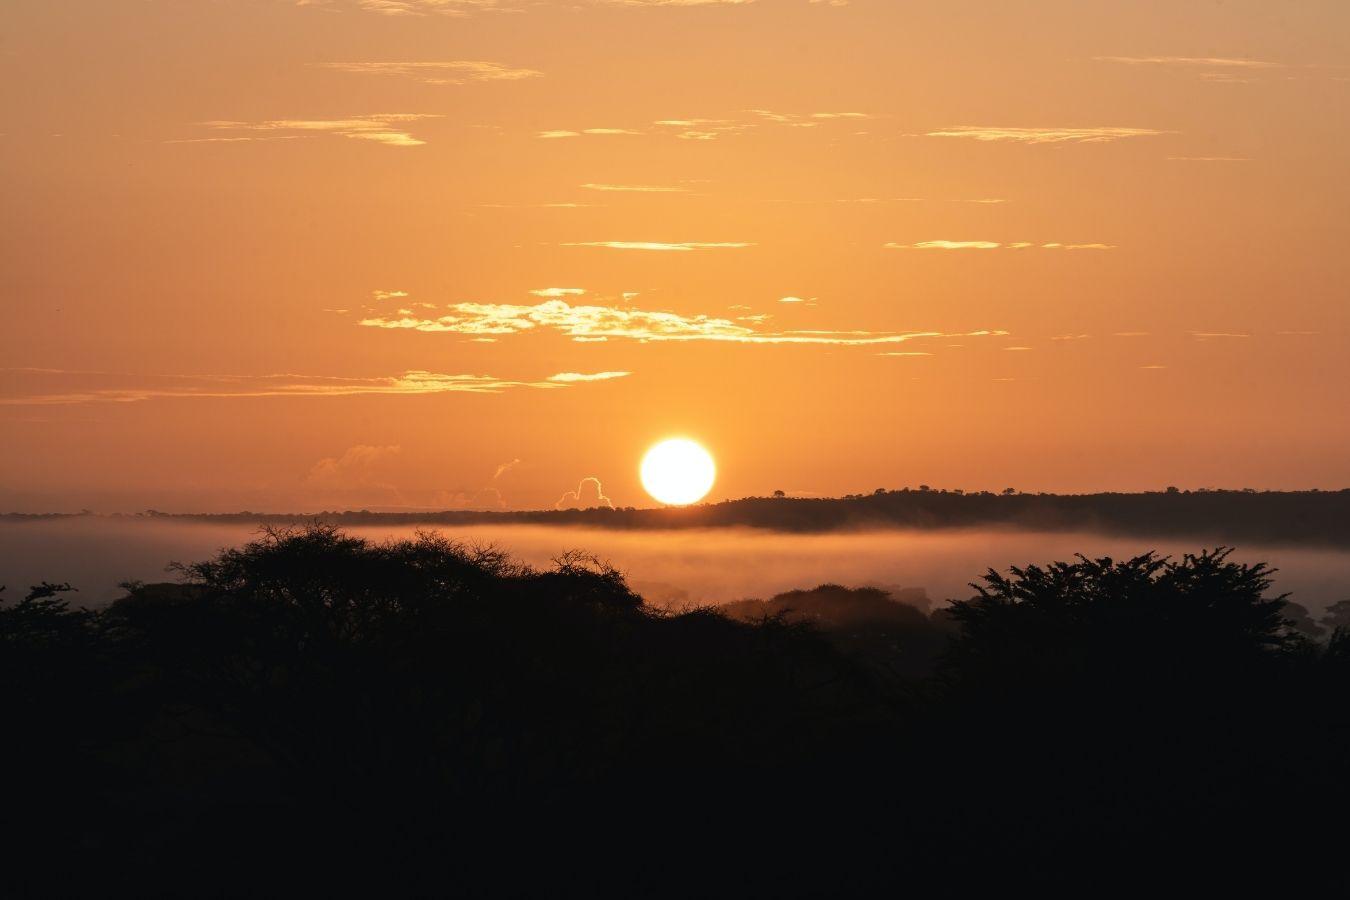 7 Days Kenya Safari Lake Nakuru, Masai Mara, Naivasha and Amboseli National Park | Vacation East Africa Limited